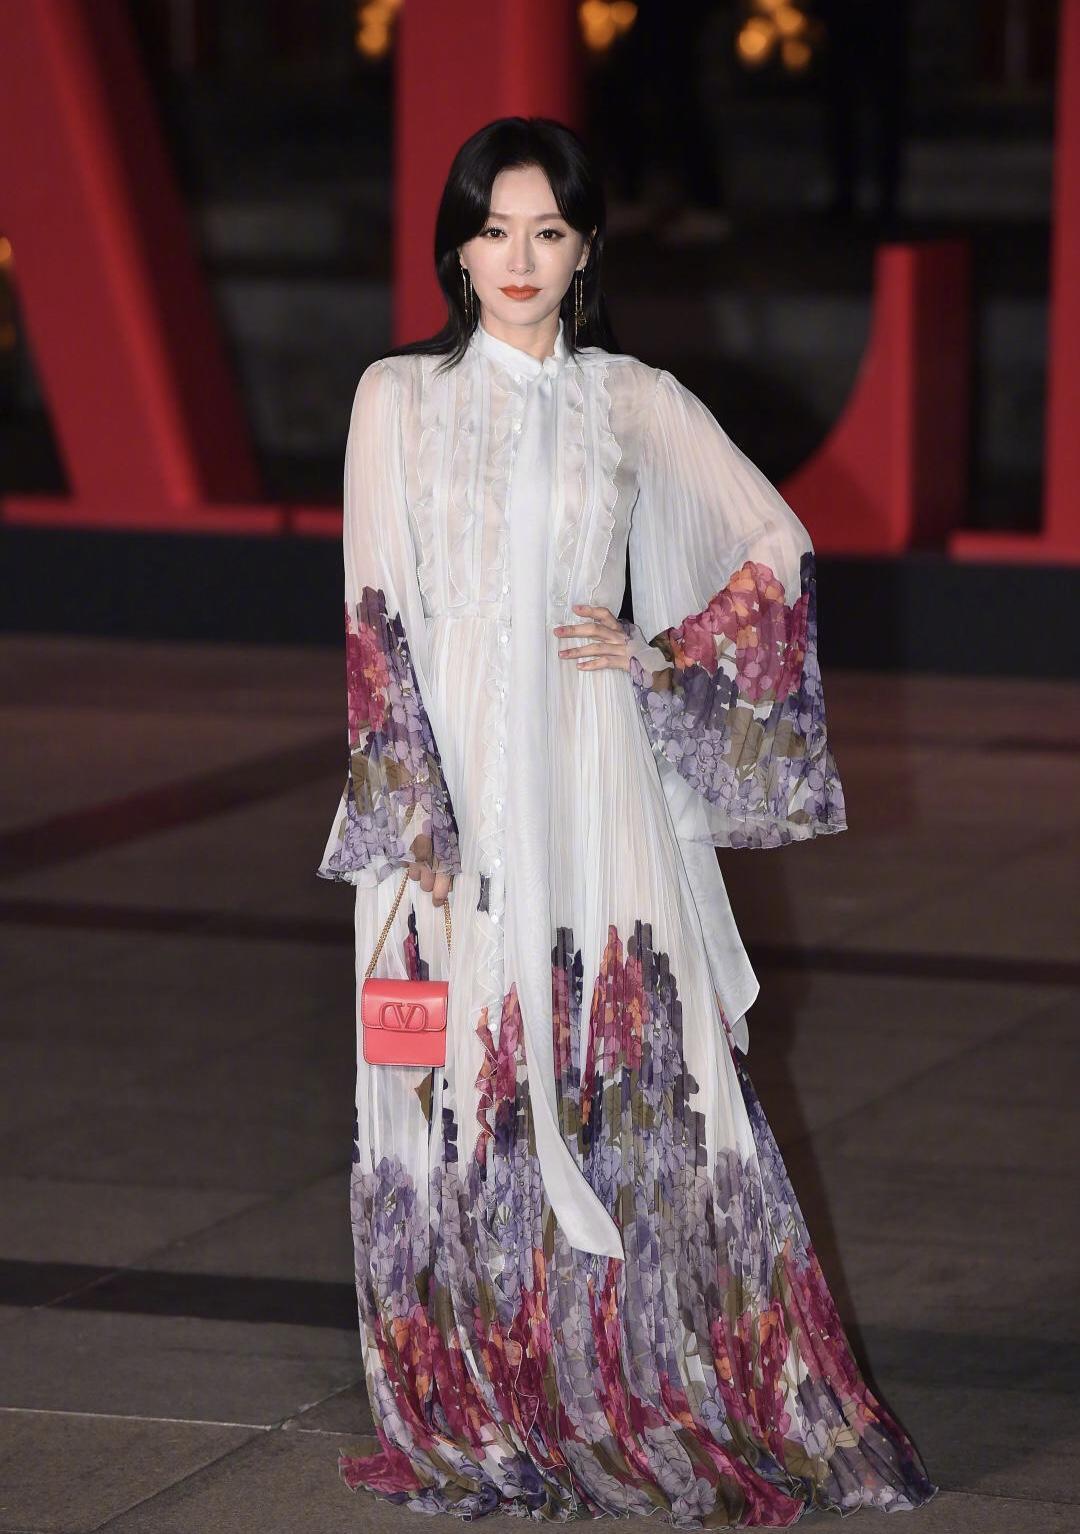 38岁的秦岚穿搭好拼!一身仙气连衣裙look套装造型,洋气又时髦